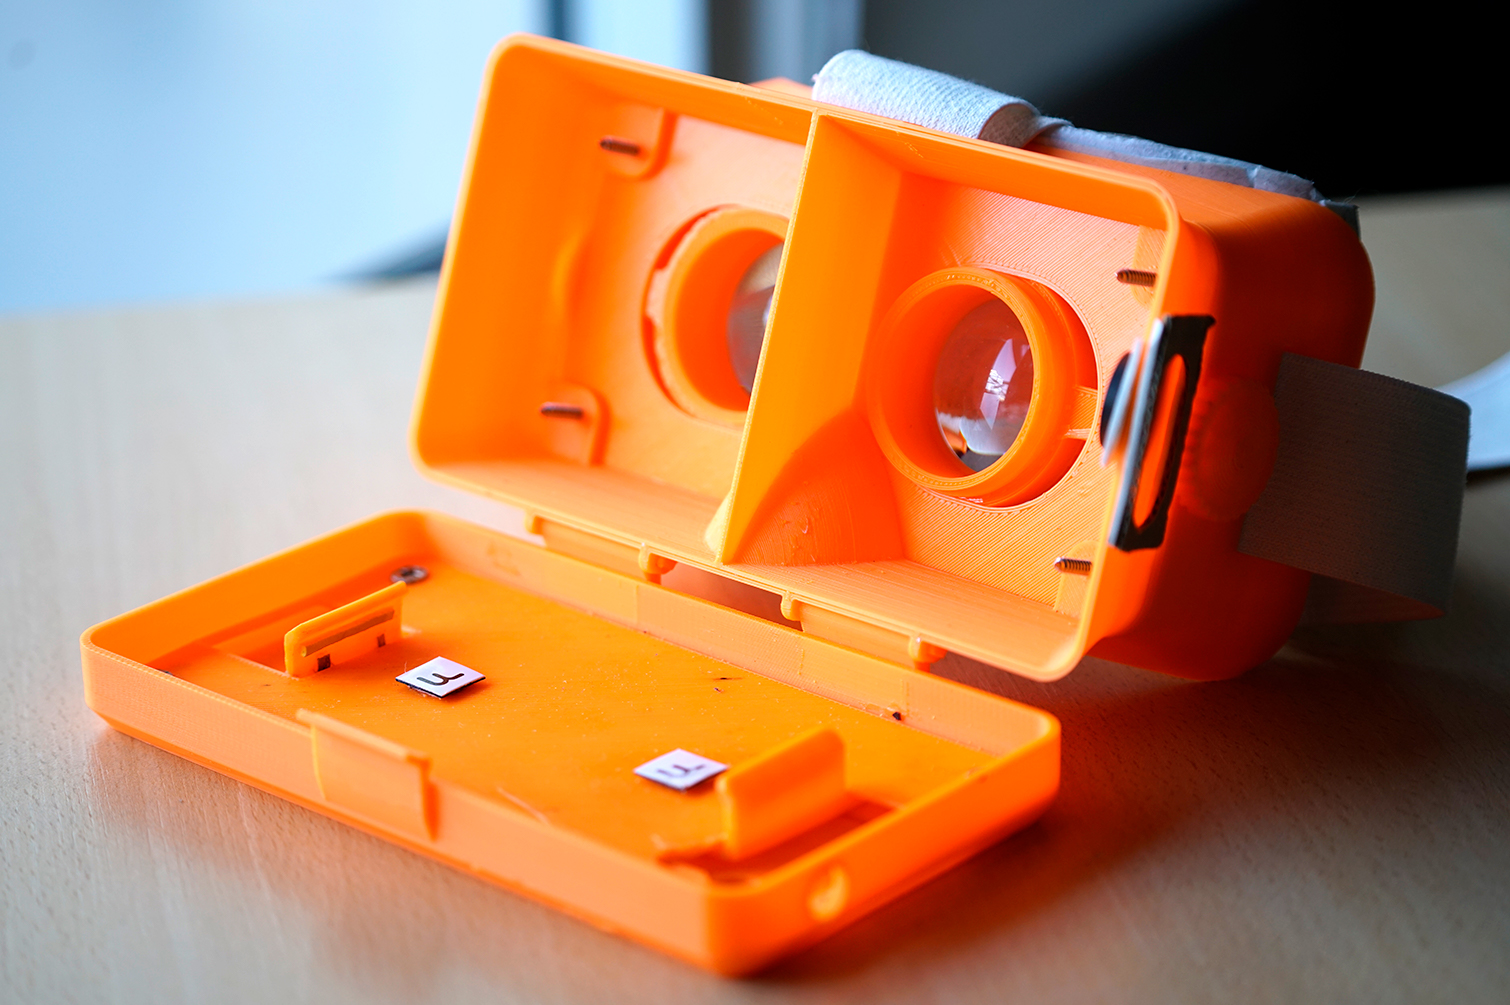 Abierto. Se ven las lentes con dioptría ajustable y el sostén del smartphone.